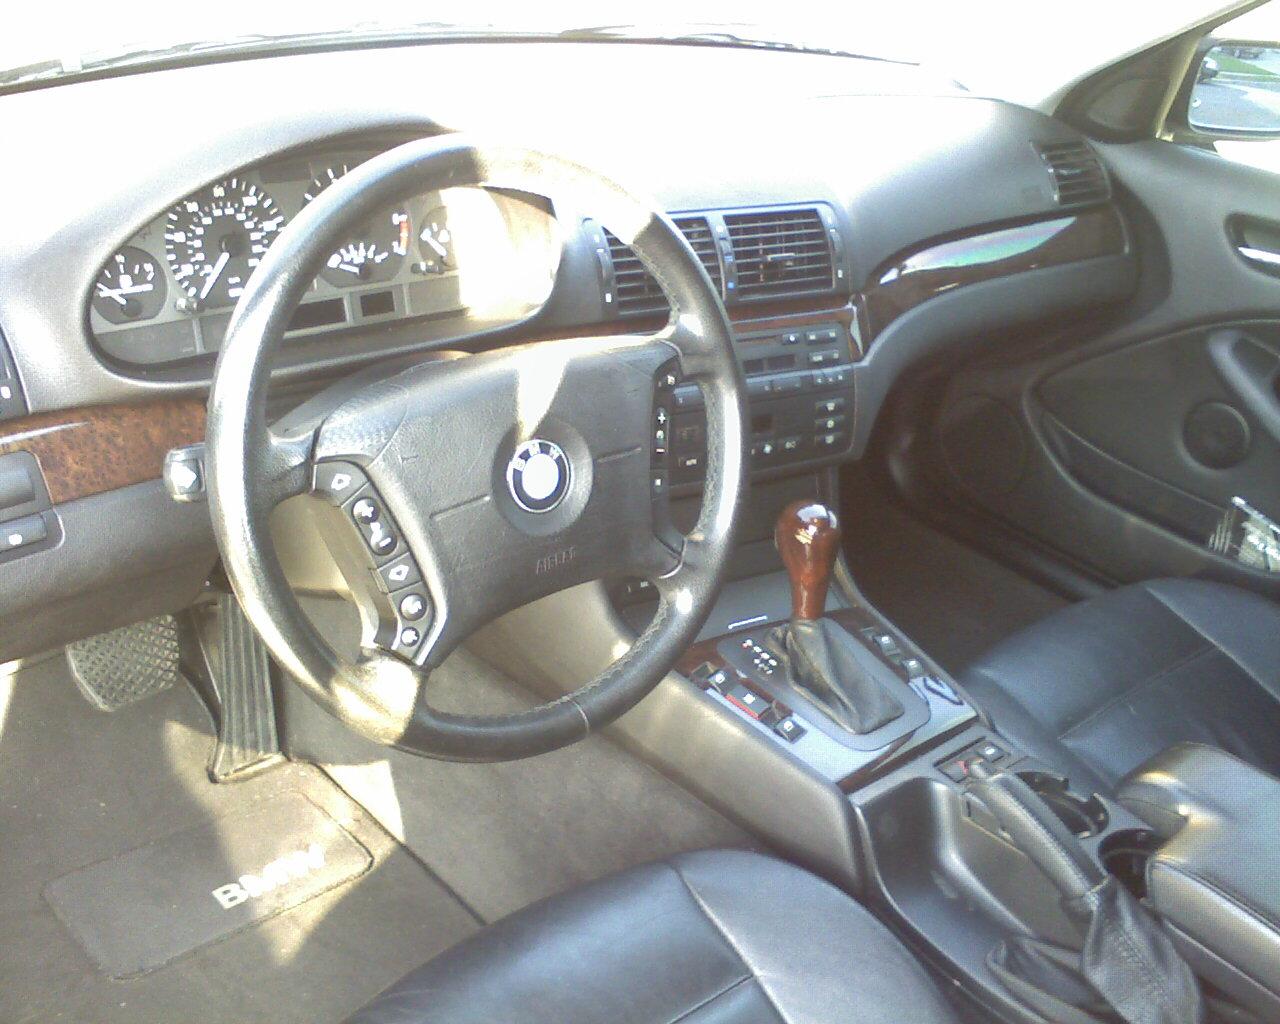 2001 Bmw 3 Series Interior Pictures Cargurus